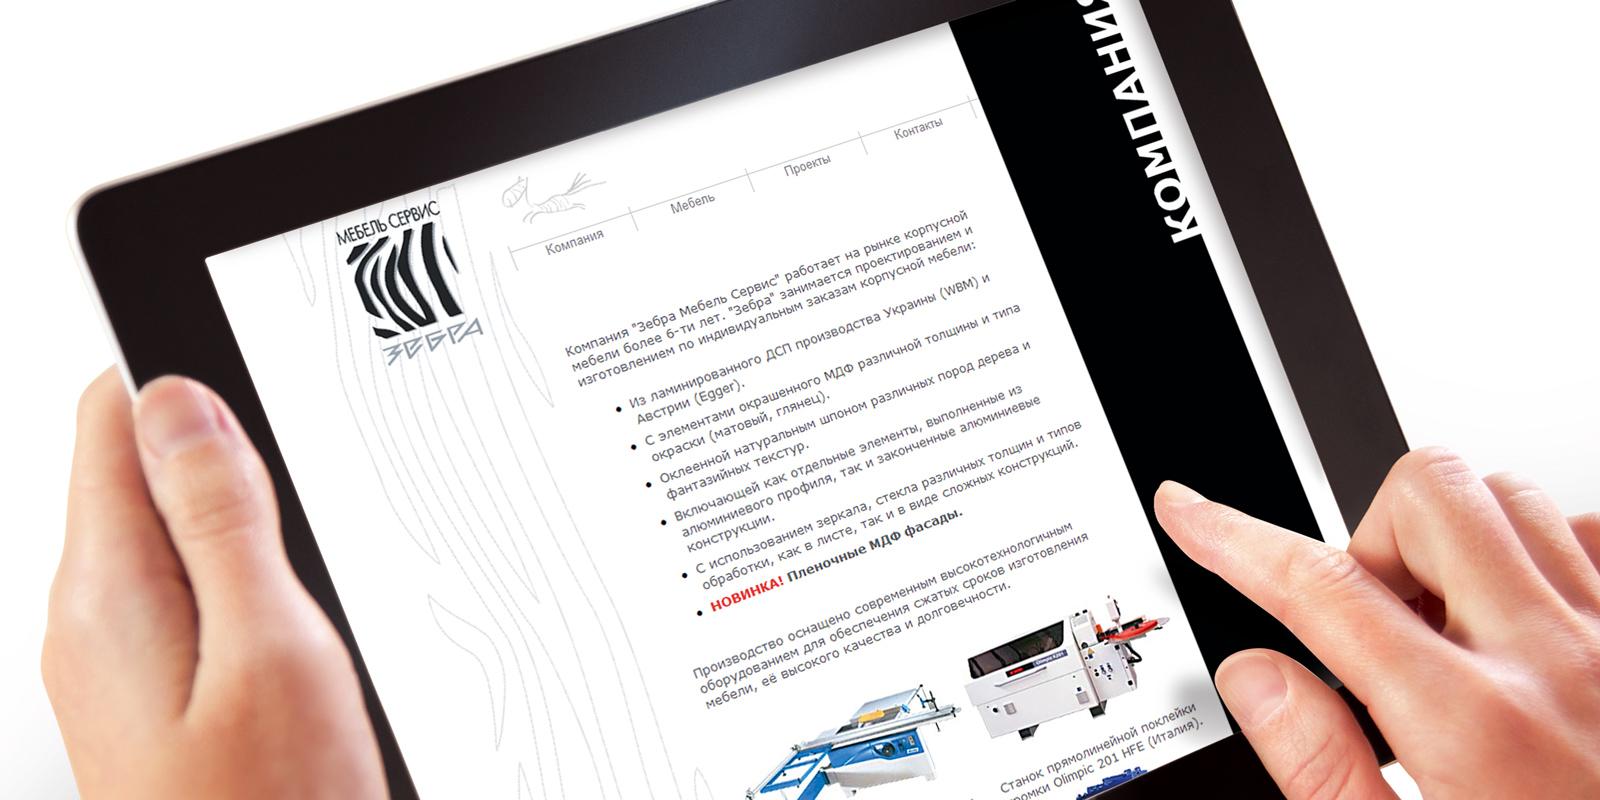 Мебельная студия «Zebra»;;;;;;Разработка и дизайн сайта;;;;;;<span>Клиент:</span> Мебельная студия «Zebra»;;;;;;;;;;;;Разработка и дизайн сайта;;;;;; 3 ;;;;;;